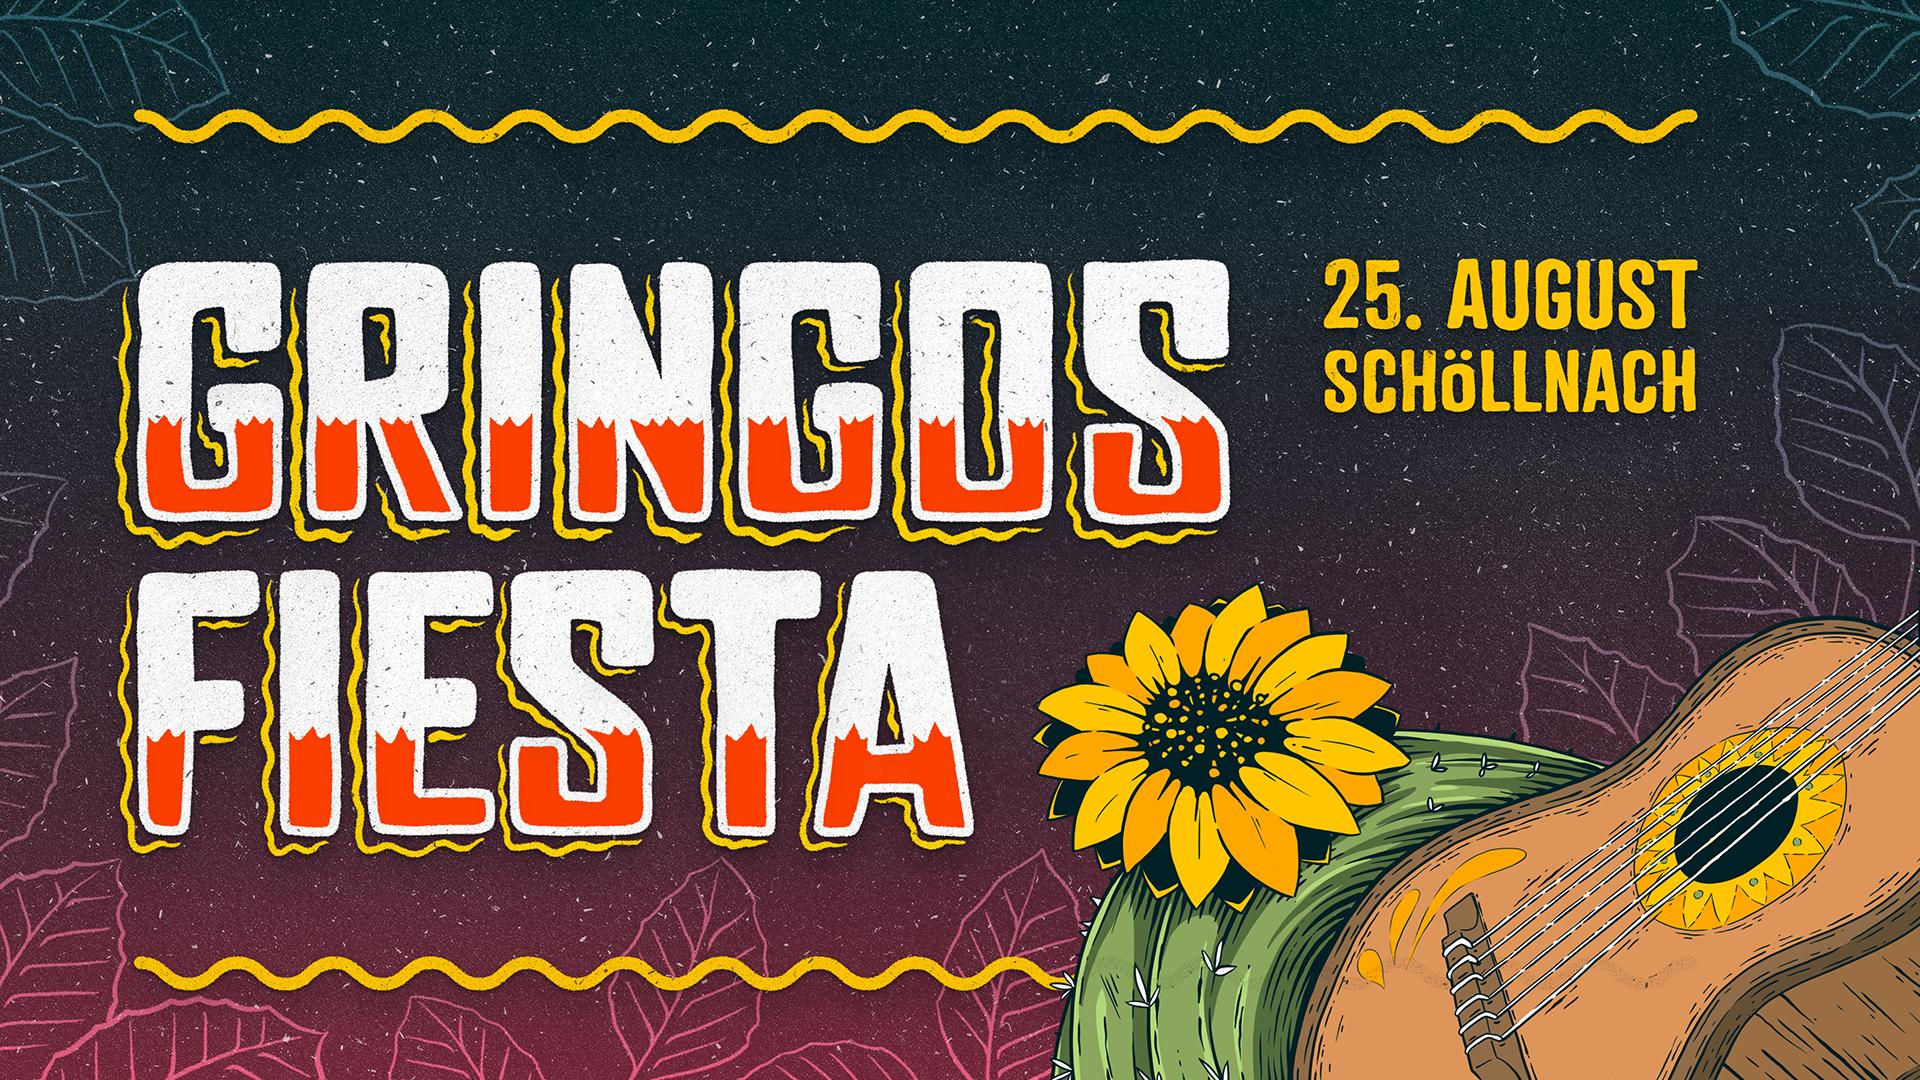 Gringos Fiesta 2018 | Poster Detail | Illustration By Artjom Meister | Art-mas.com